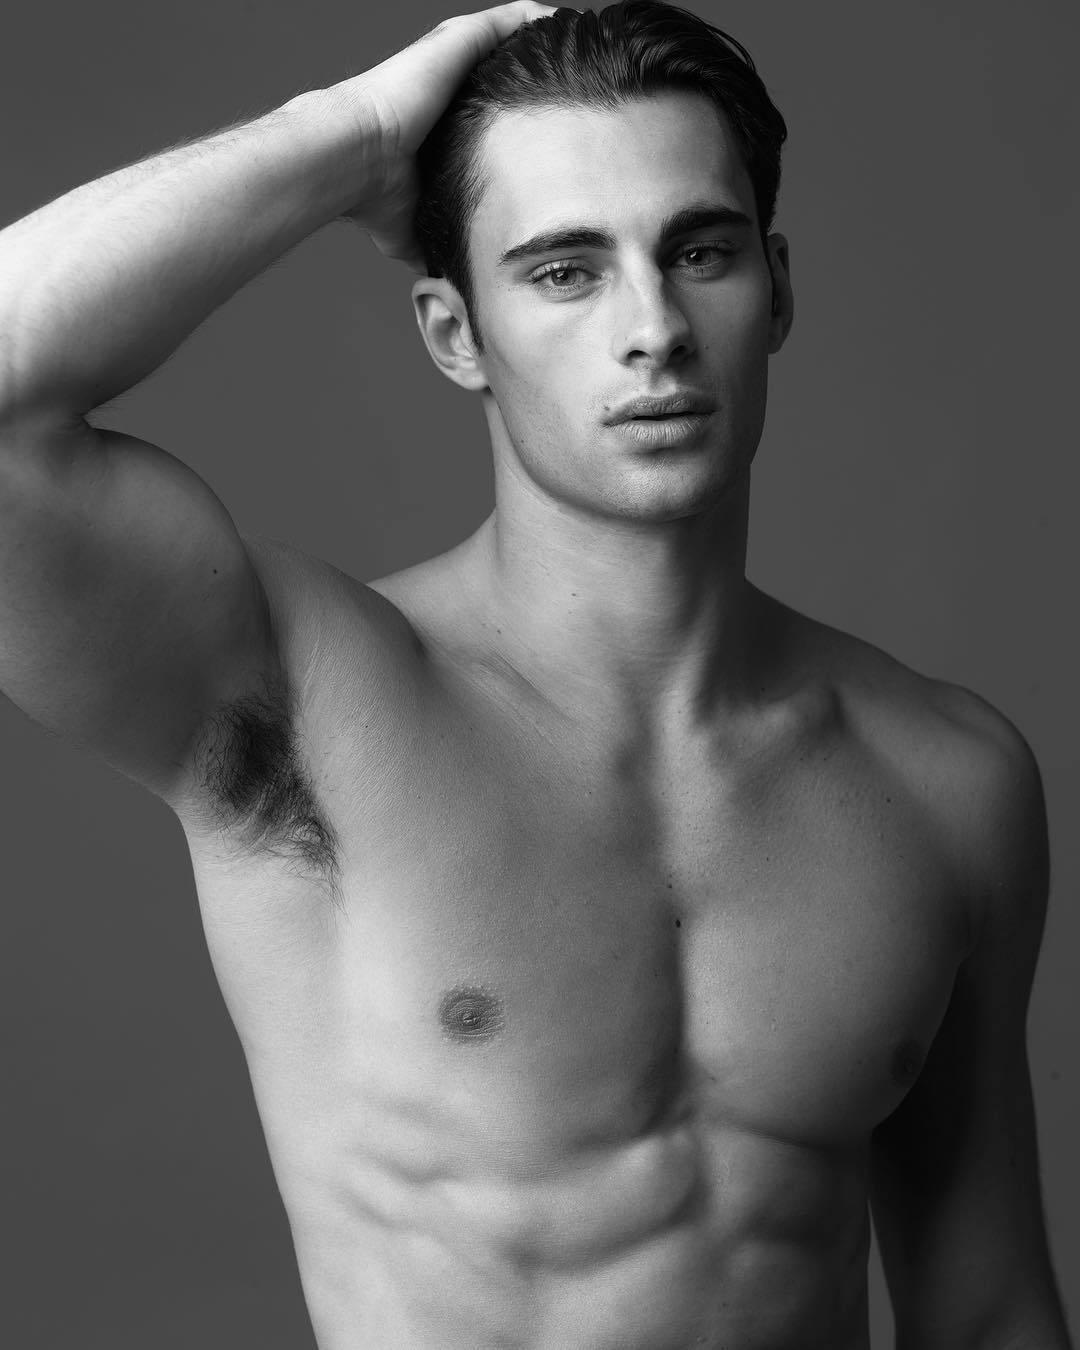 отели фото моделей мужчин гимнастов решил тревожить